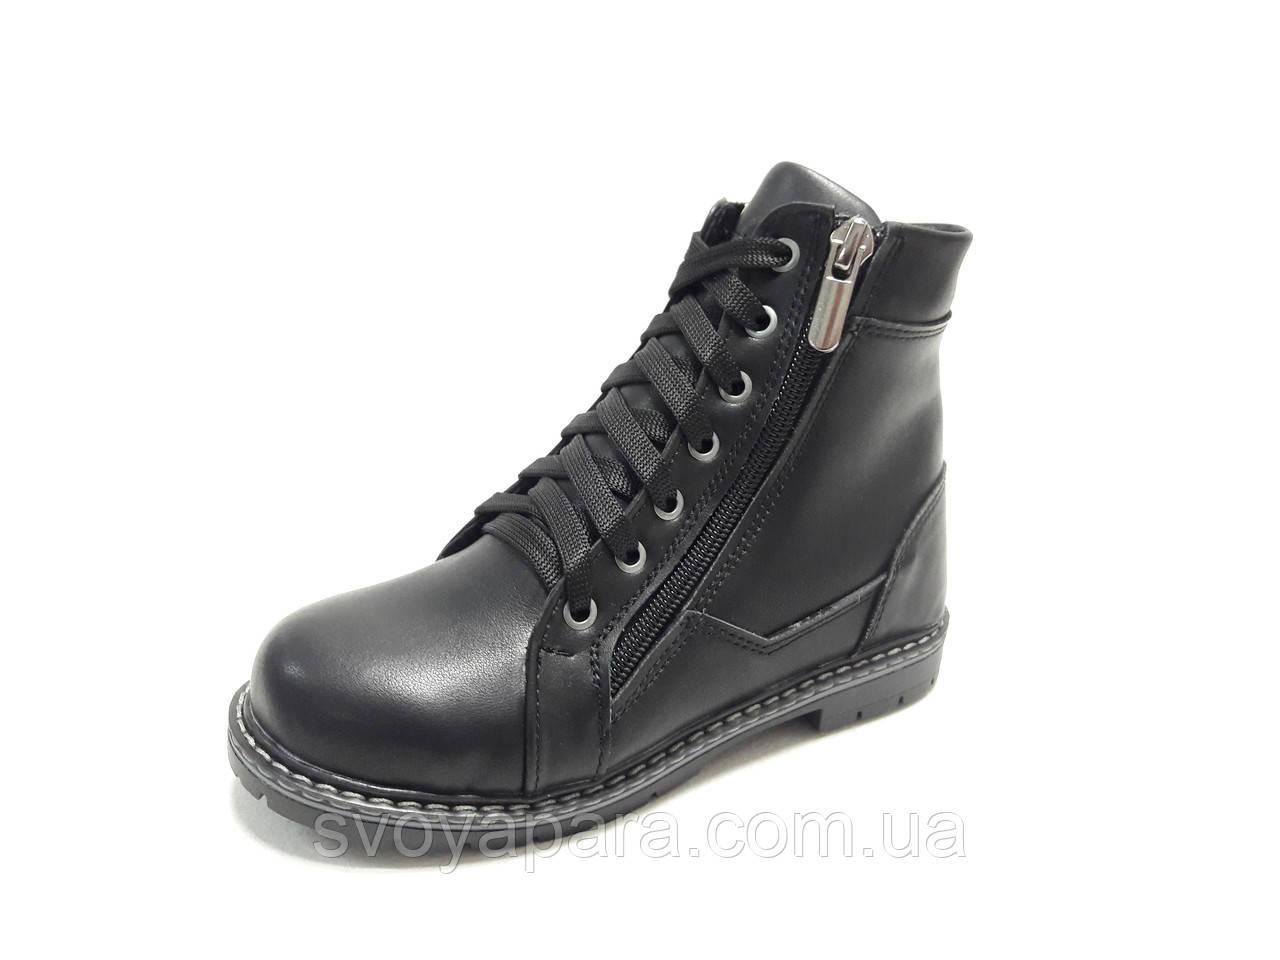 e50a7f216 Ботинки кожаные подростковые весенне осенние черного цвета на  ортопедической подошве